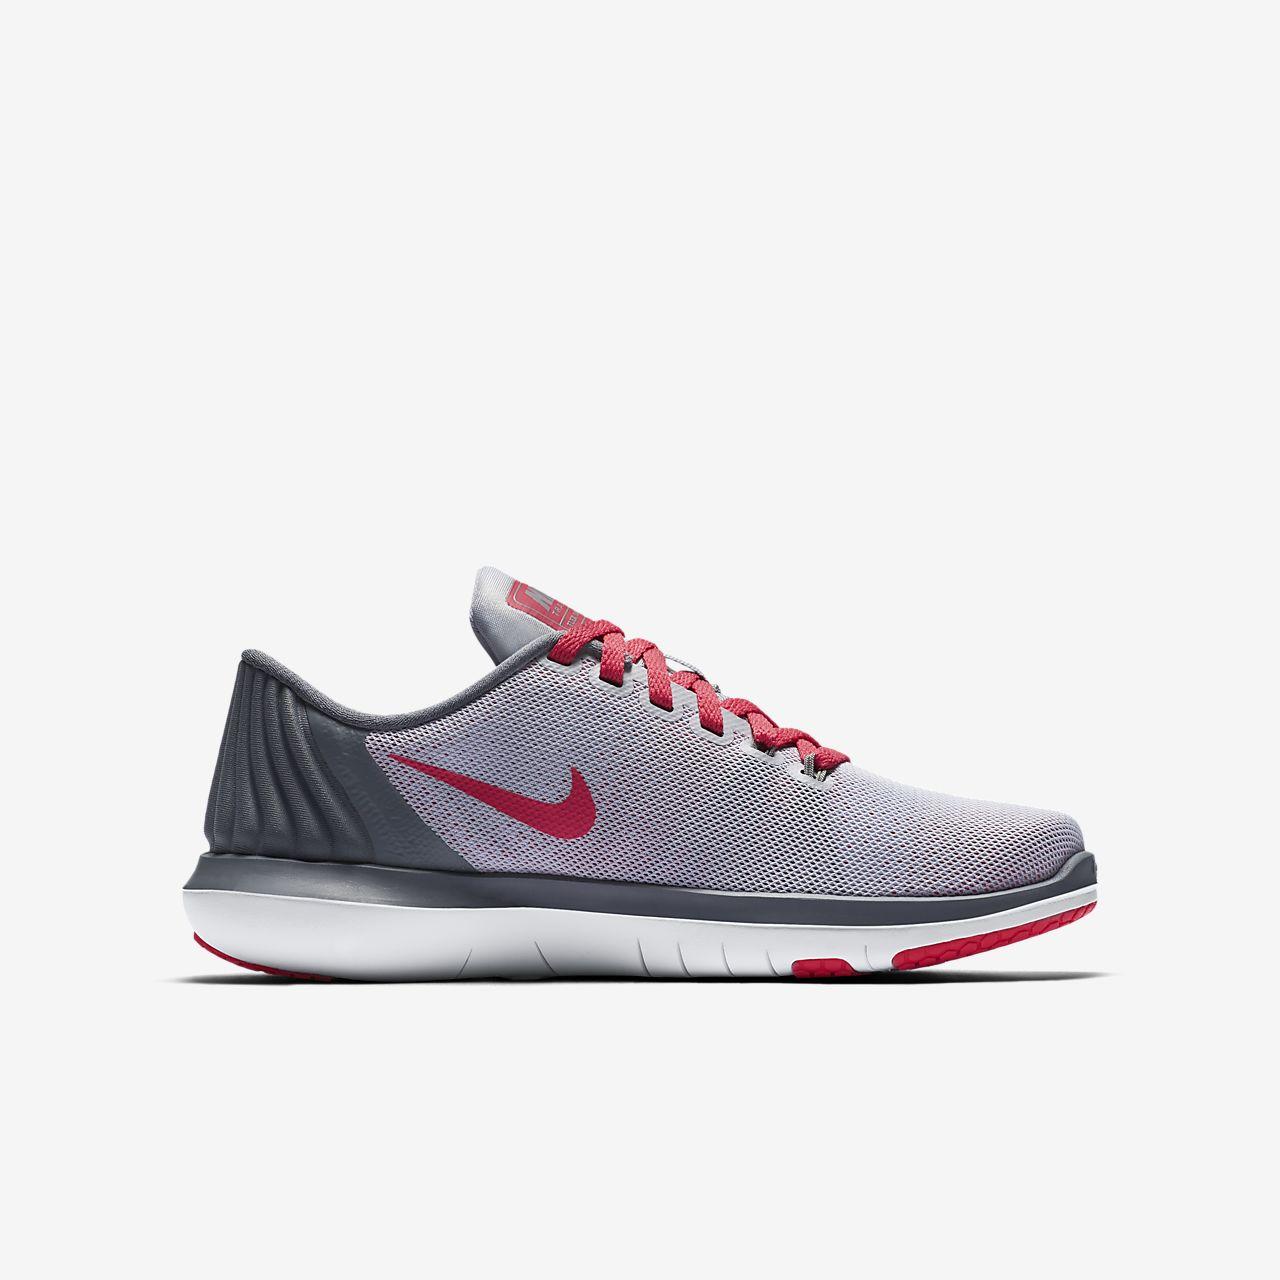 ... Nike Flex Supreme TR 5 edzőcipő gyerekeknek/nagyobb gyerekeknek